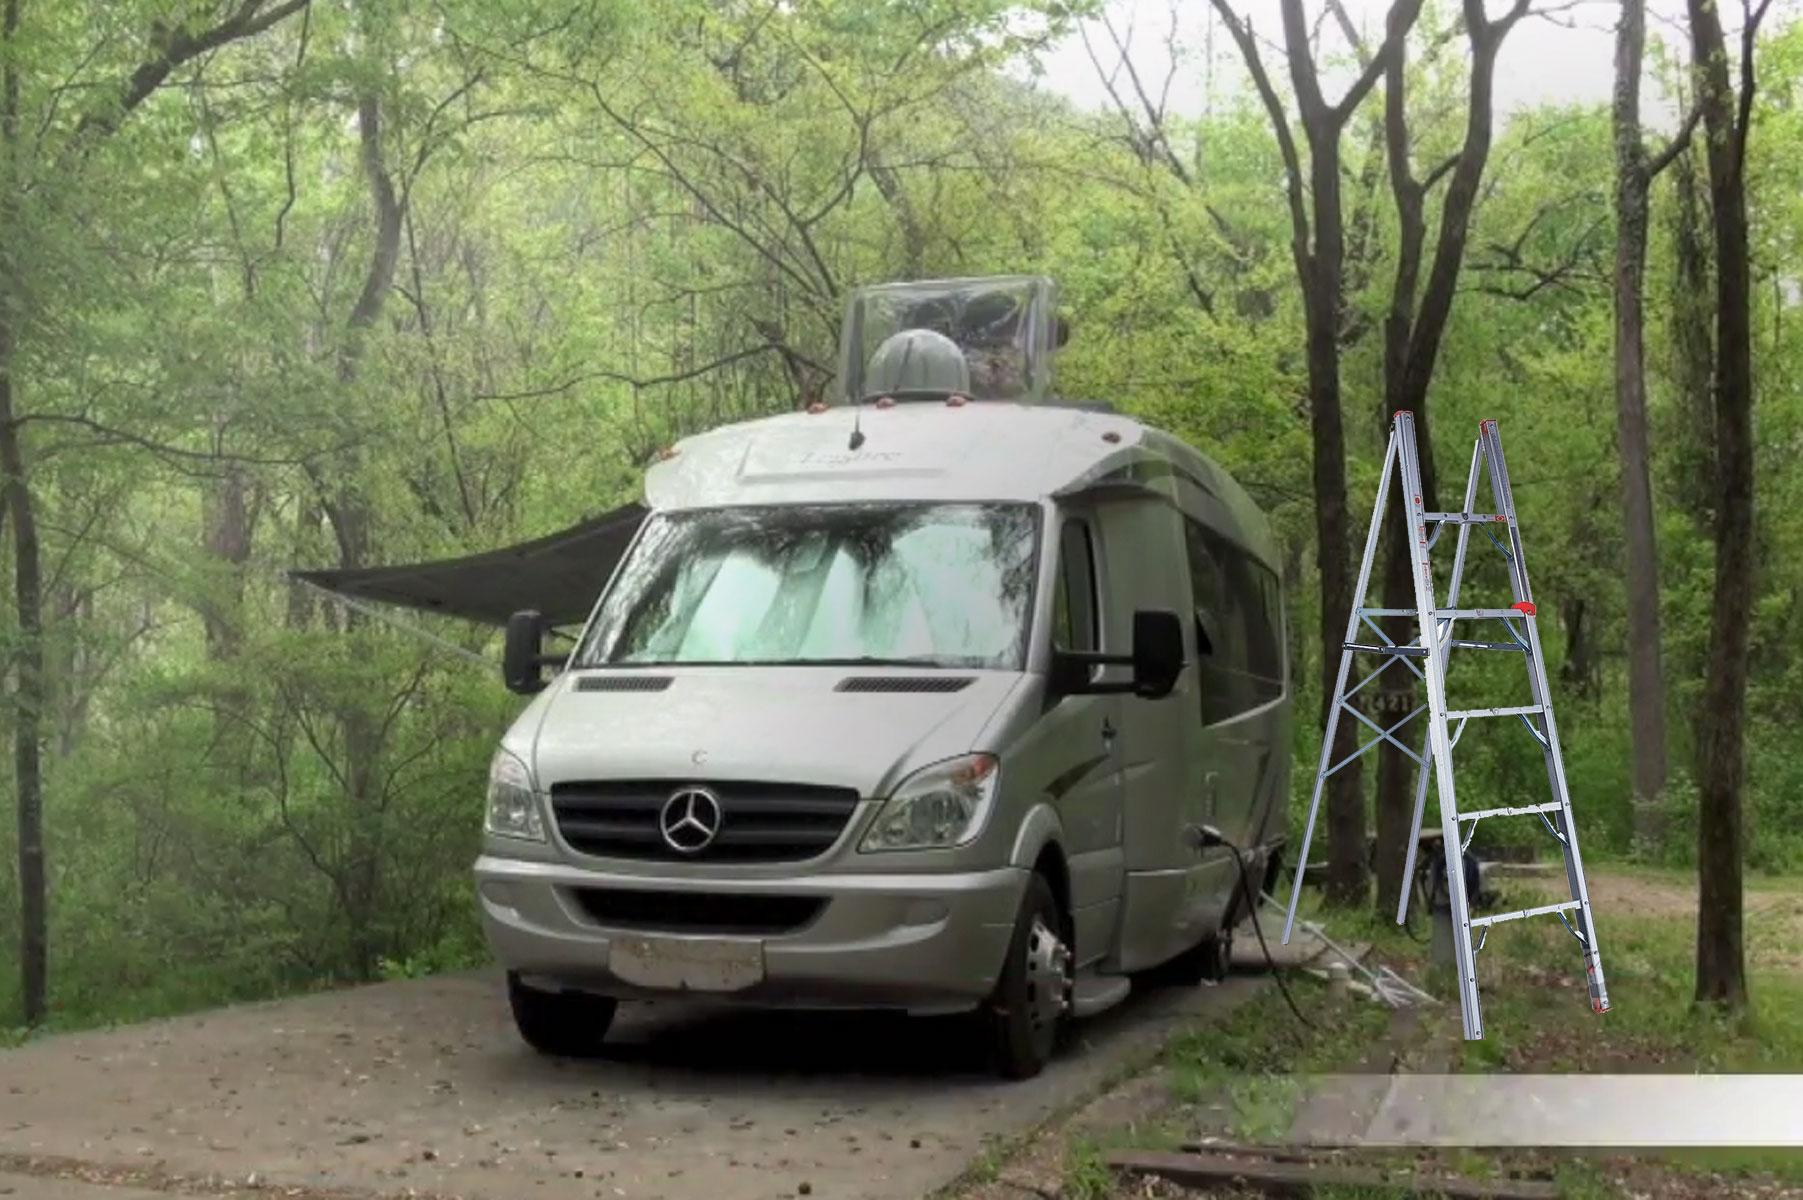 Unity U24IB e Year Leisure Travel Vans